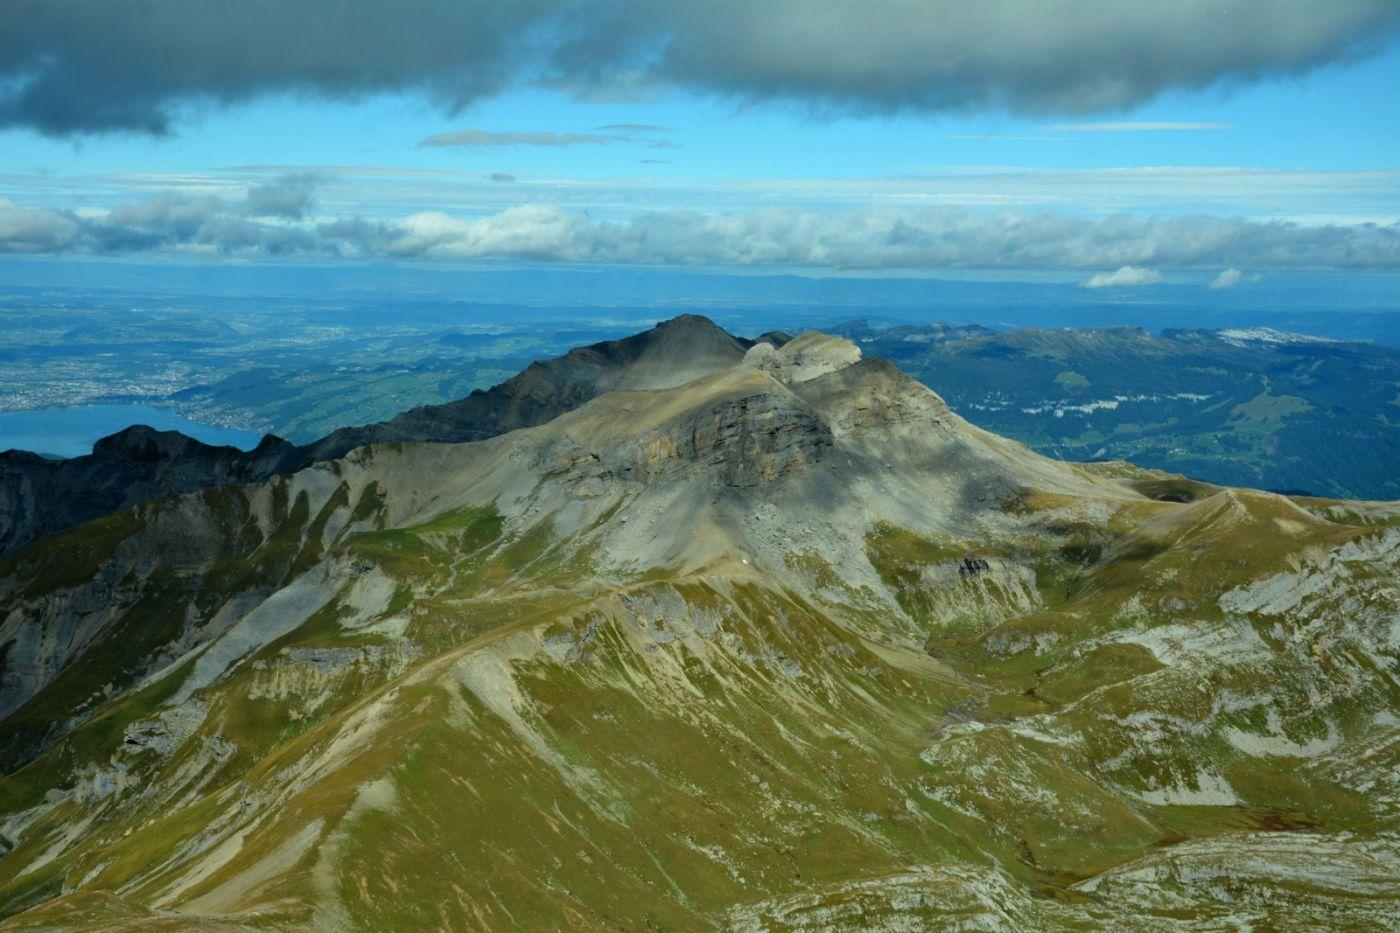 登上阿尔卑斯山遥望少女、勃朗峰_图1-3